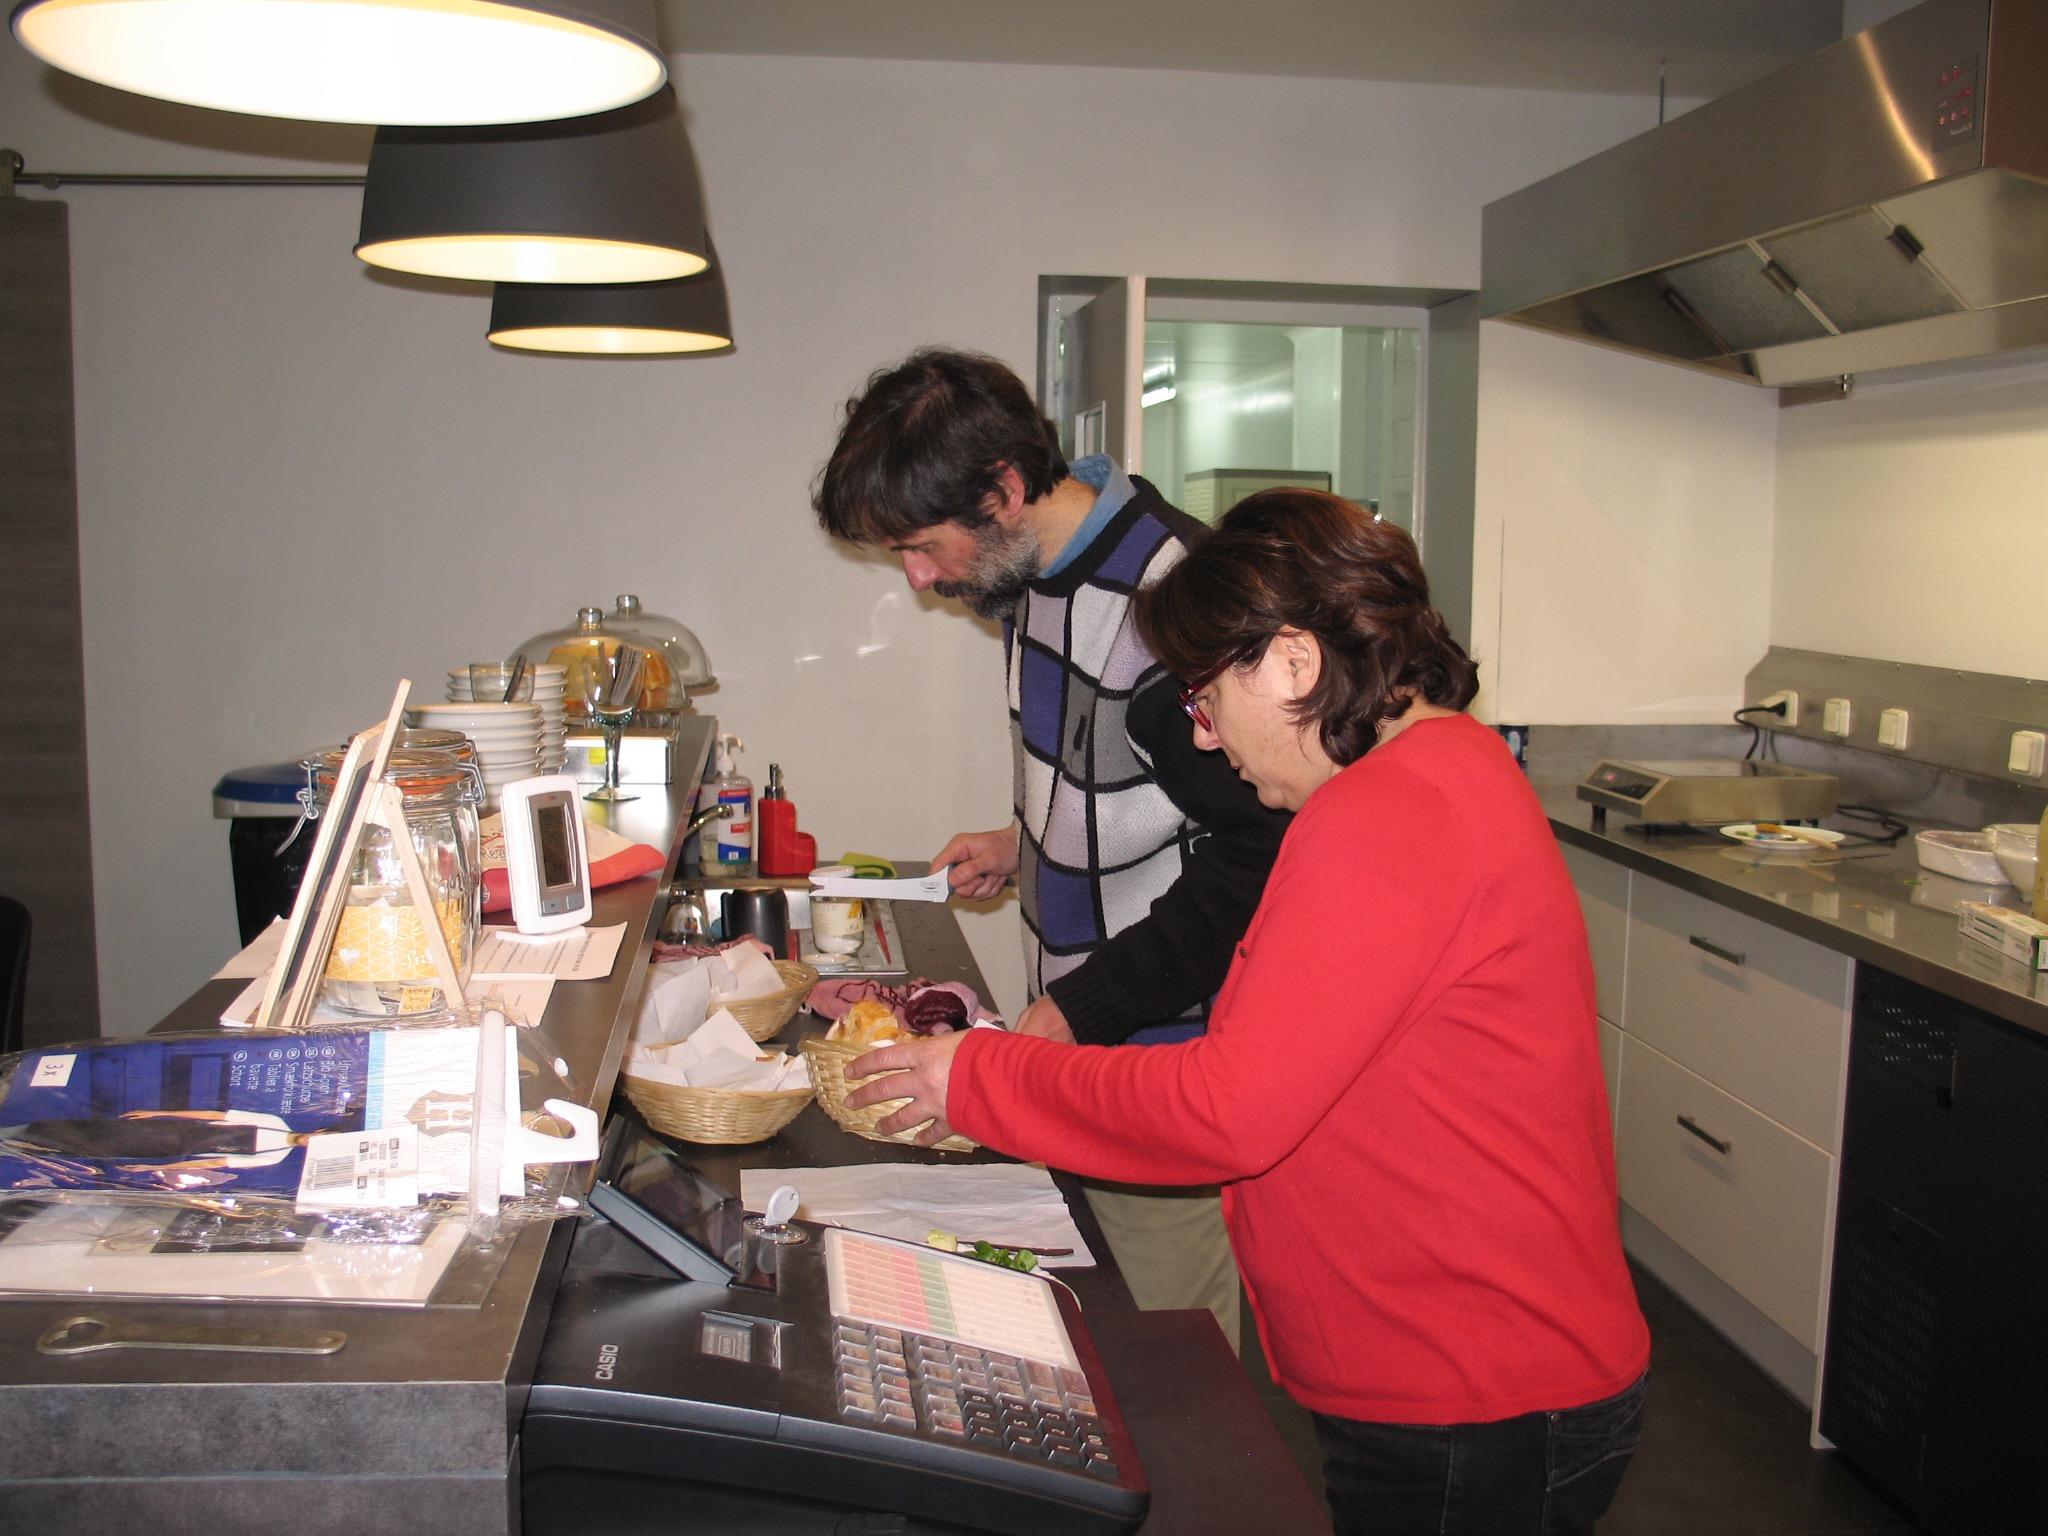 Atelier de cuisine di t tique de janvier 2016 l 39 ambassade for Atelier de cuisine